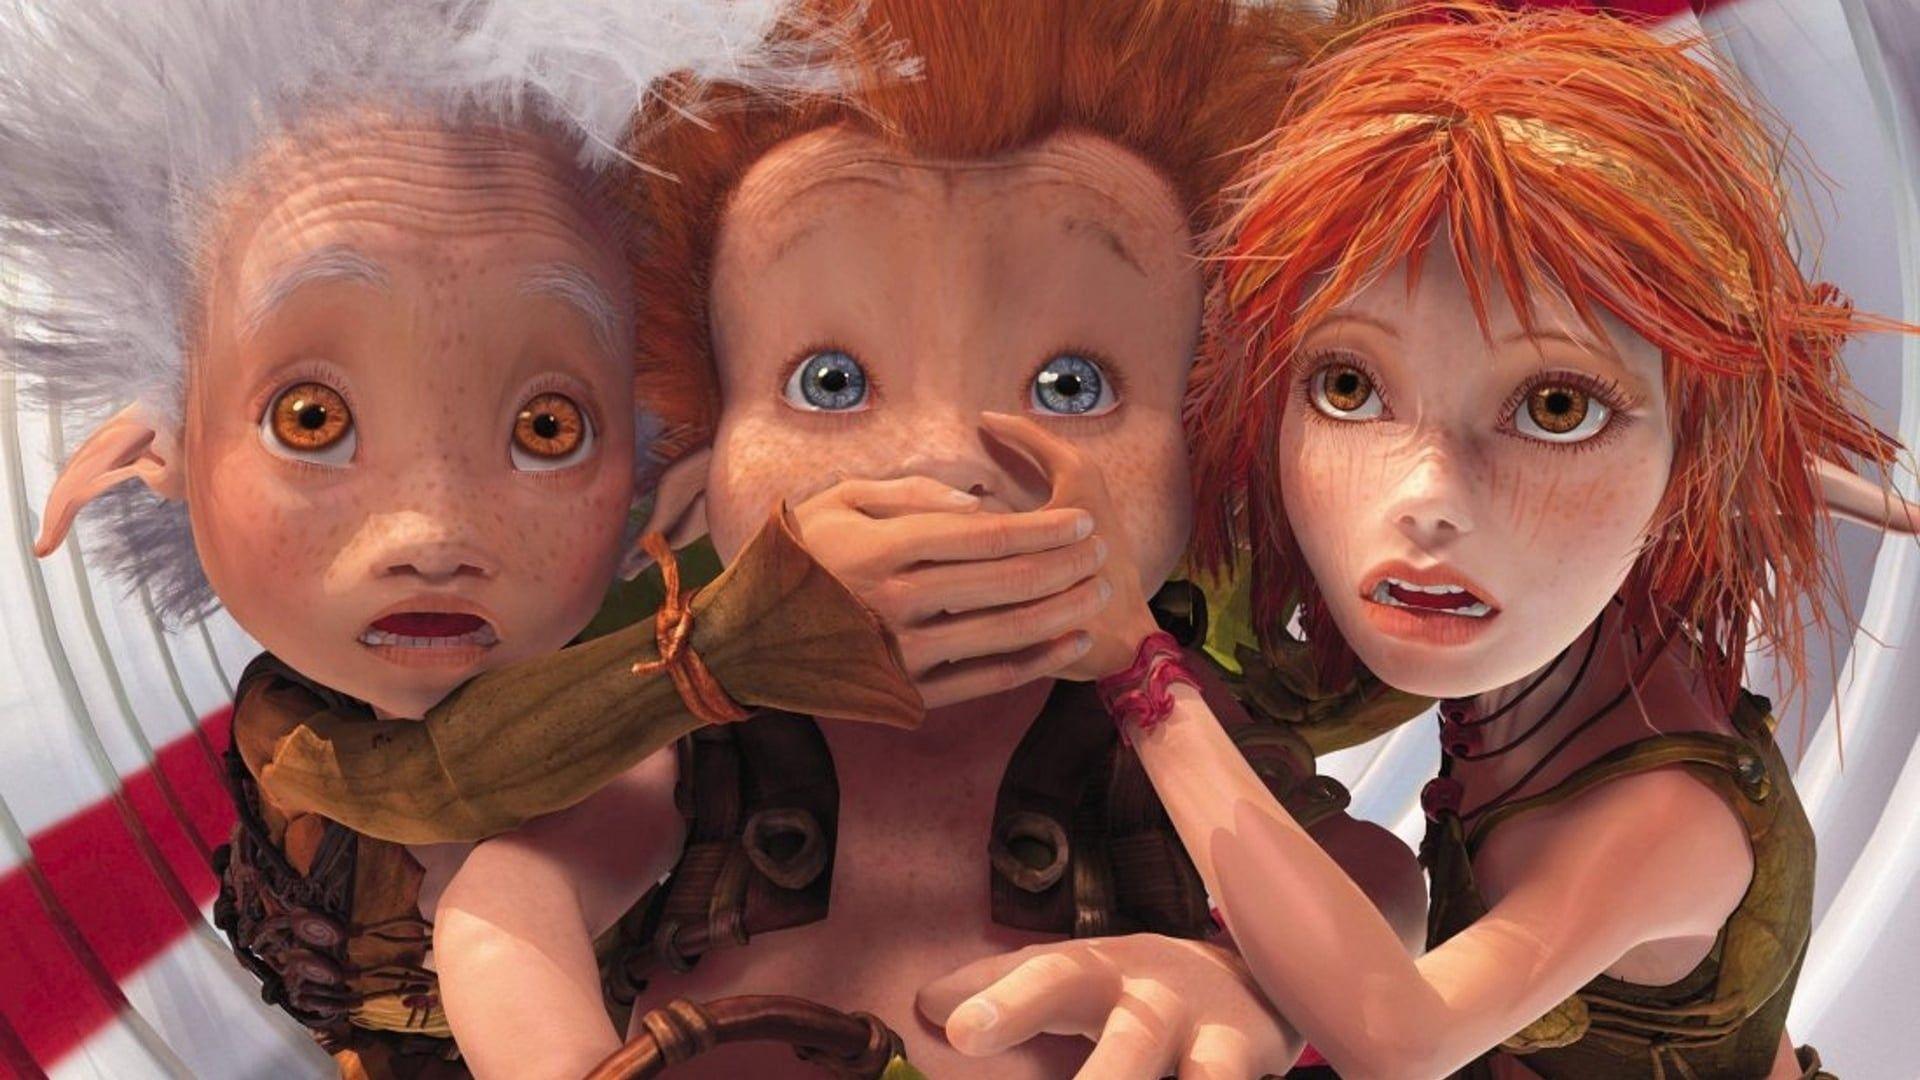 Arthur Und Die Minimoys 2006 Ganzer Film Deutsch Komplett Kino So Hat Arthur Sich Die Sommerferien Nich Arthur And The Invisibles Animated Movies Comedy Movies